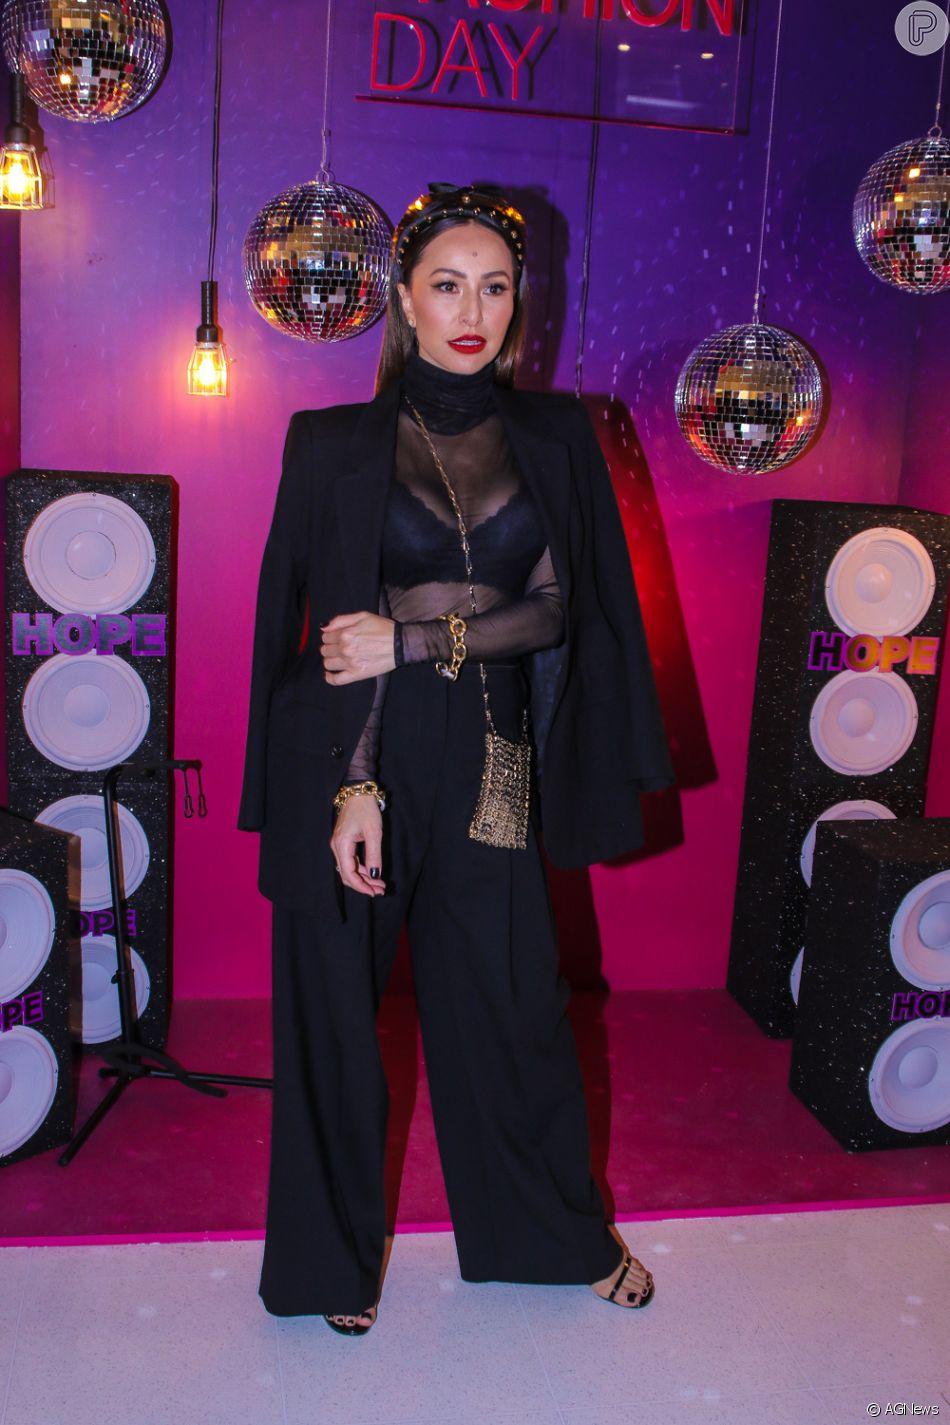 Look com transparência: Sabrina Sato em produção fashionista com styling de Pedro Sales em visual sensual